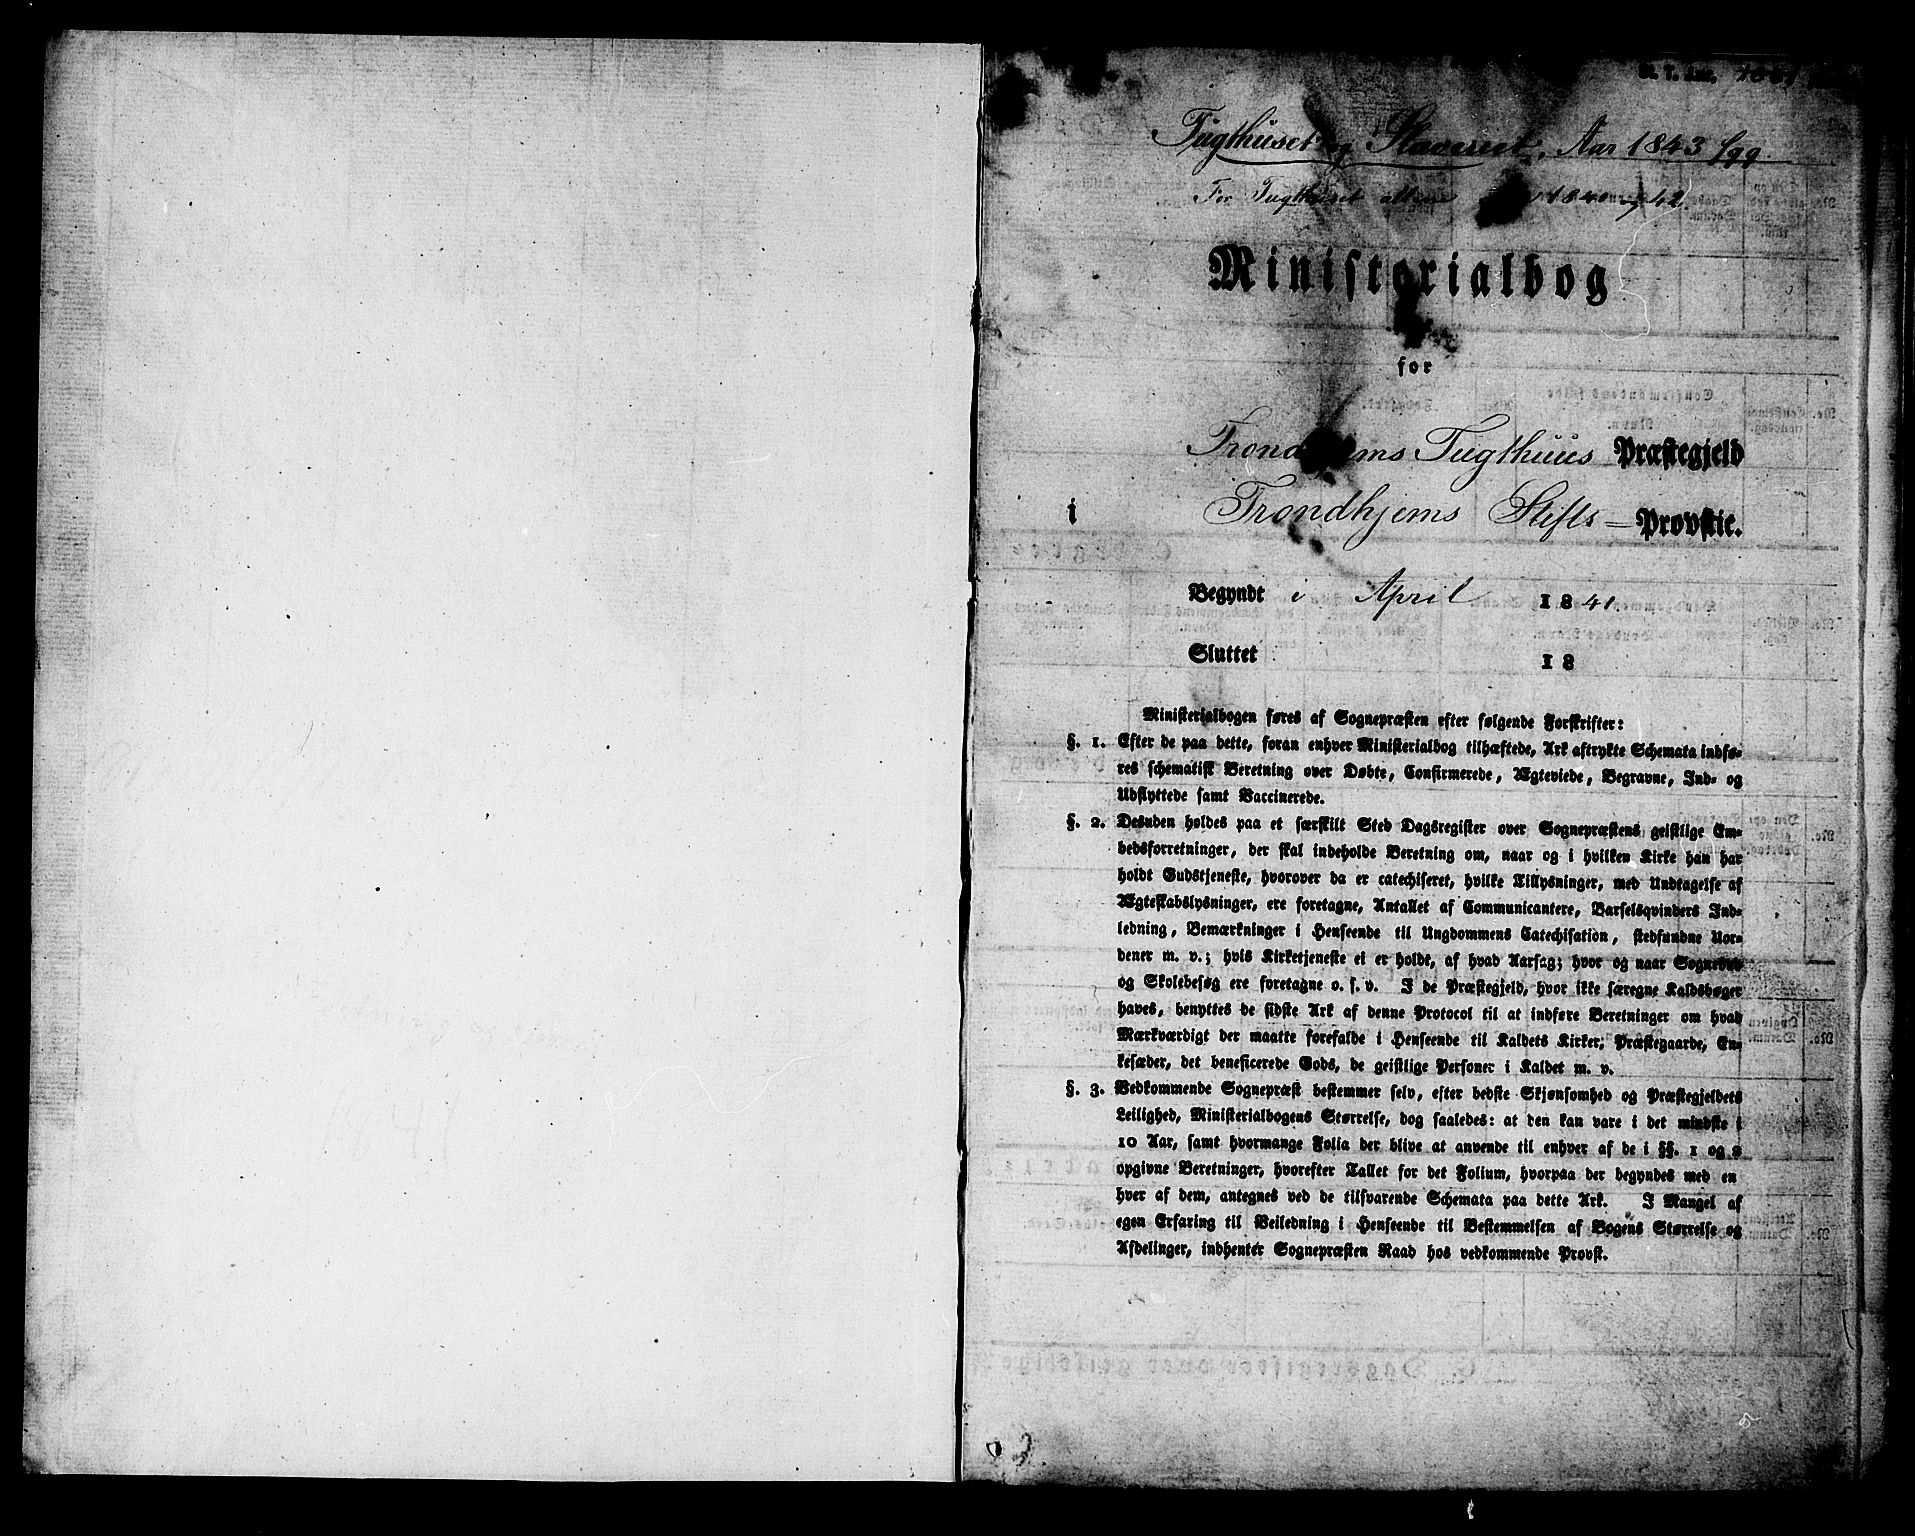 SAT, Ministerialprotokoller, klokkerbøker og fødselsregistre - Sør-Trøndelag, 624/L0480: Ministerialbok nr. 624A01, 1841-1864